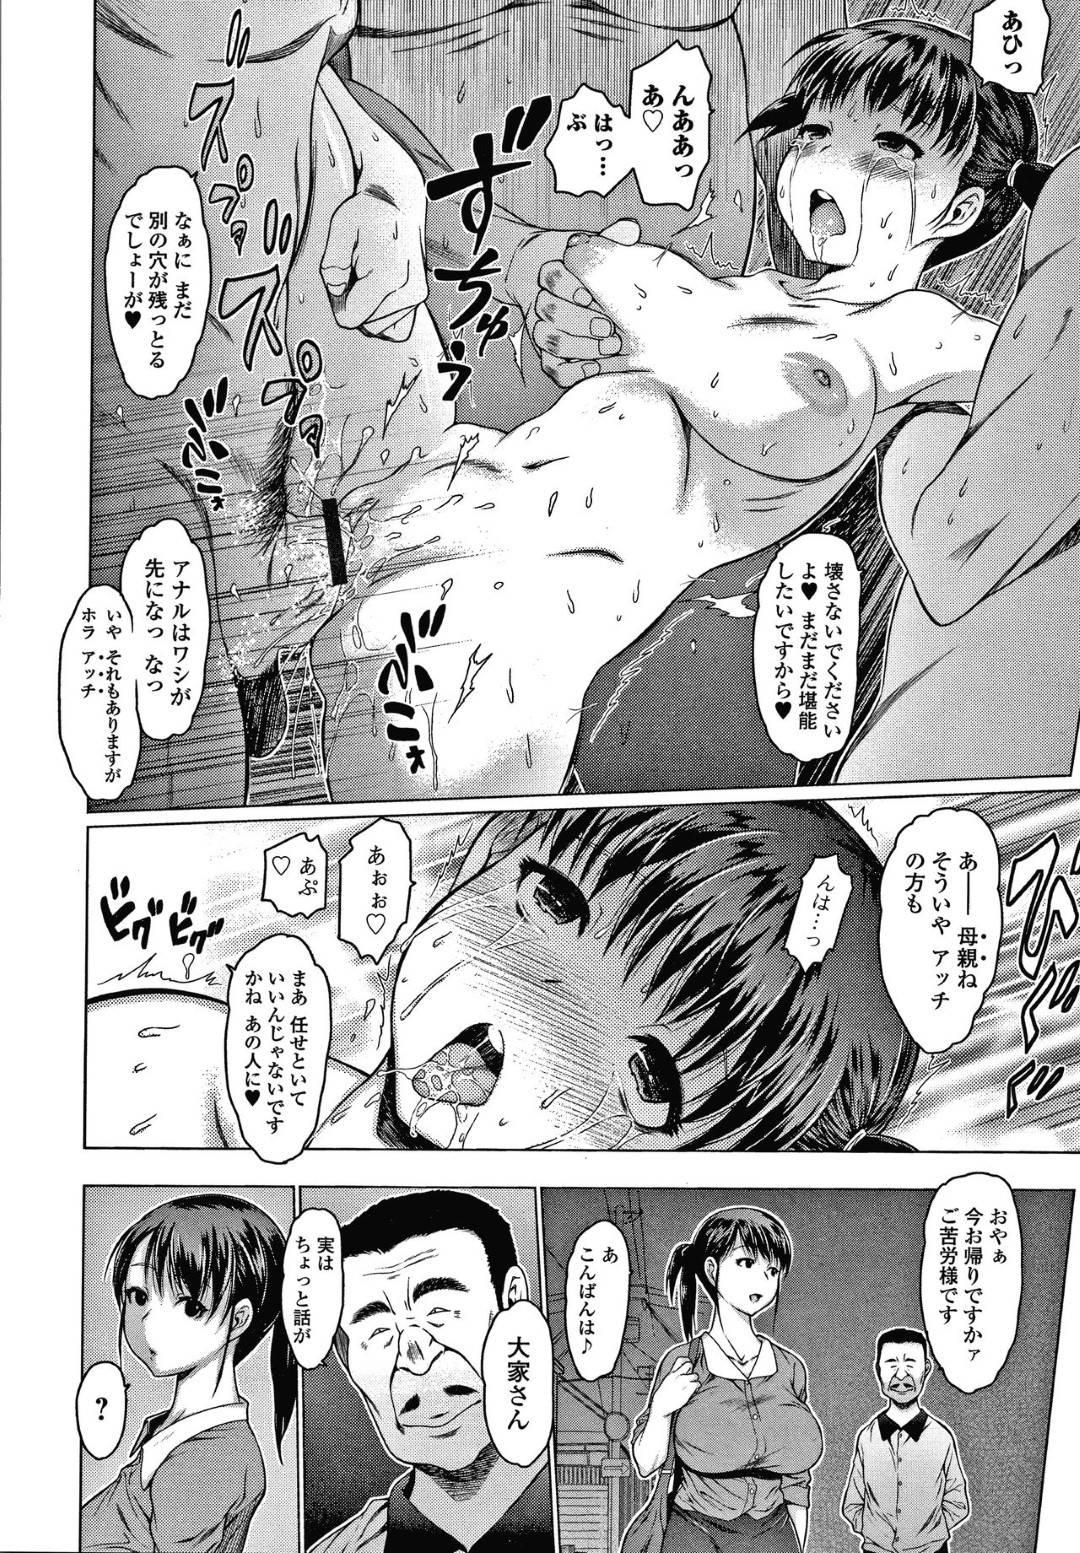 【エロ漫画】新しくアパートに入居した美人母娘に媚薬入りのアメを与え続け、住人の男達で輪姦して何度も中出しして快楽堕ち!【ゼロの者/あパート】